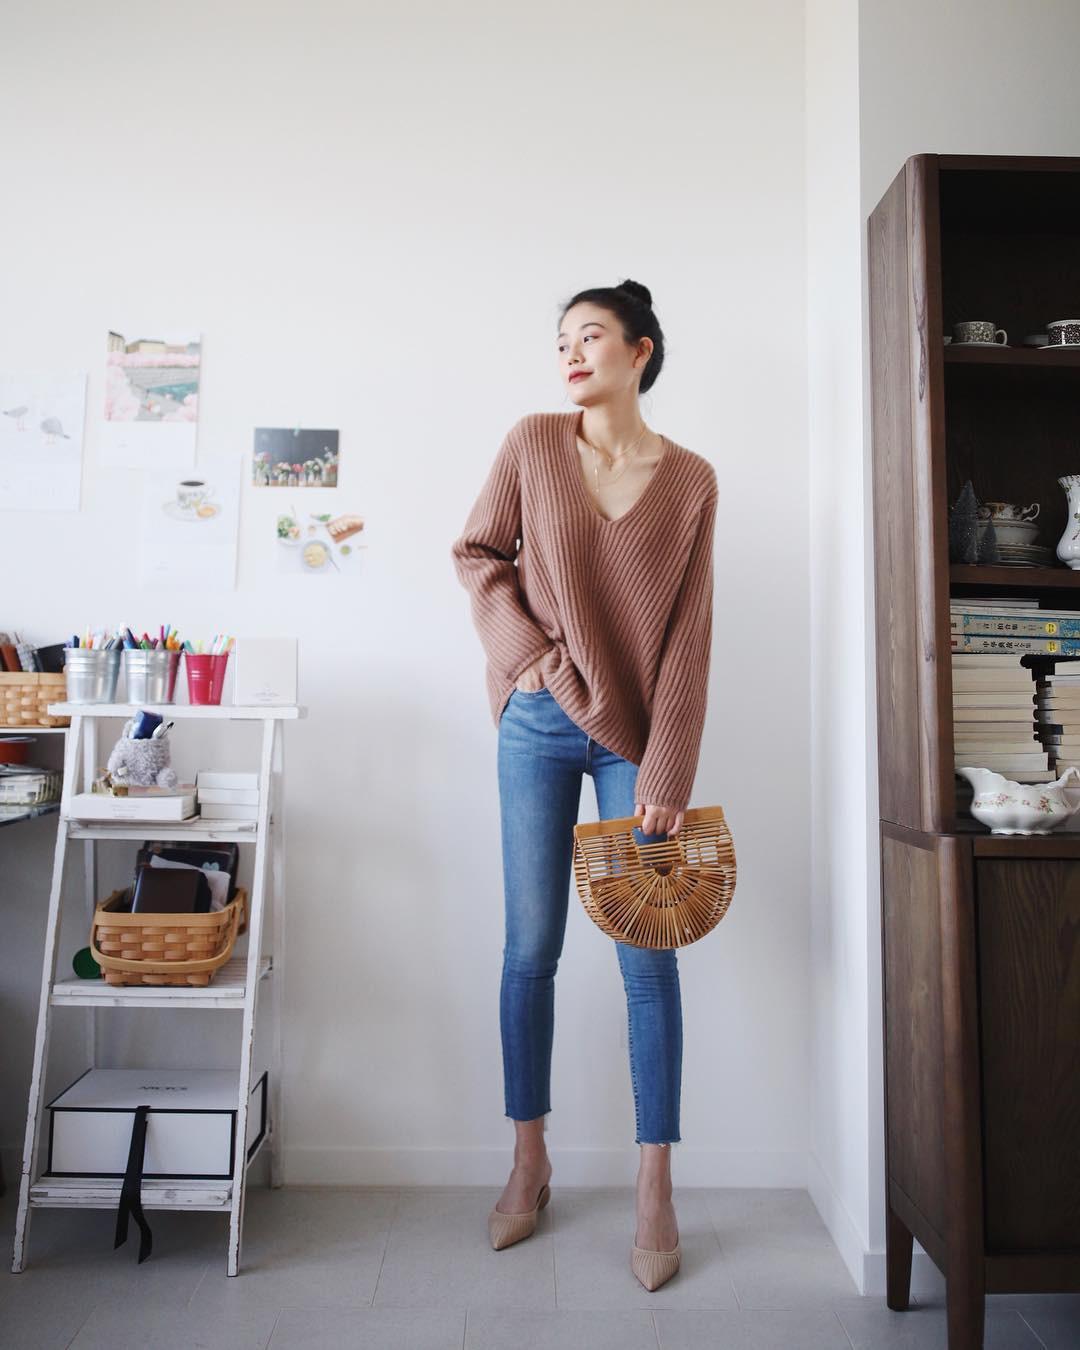 Đúng chuẩn phụ nữ hiện đại: Cô nàng đã xinh lại giỏi nấu nướng và còn mặc đẹp hết phần thiên hạ - Ảnh 12.